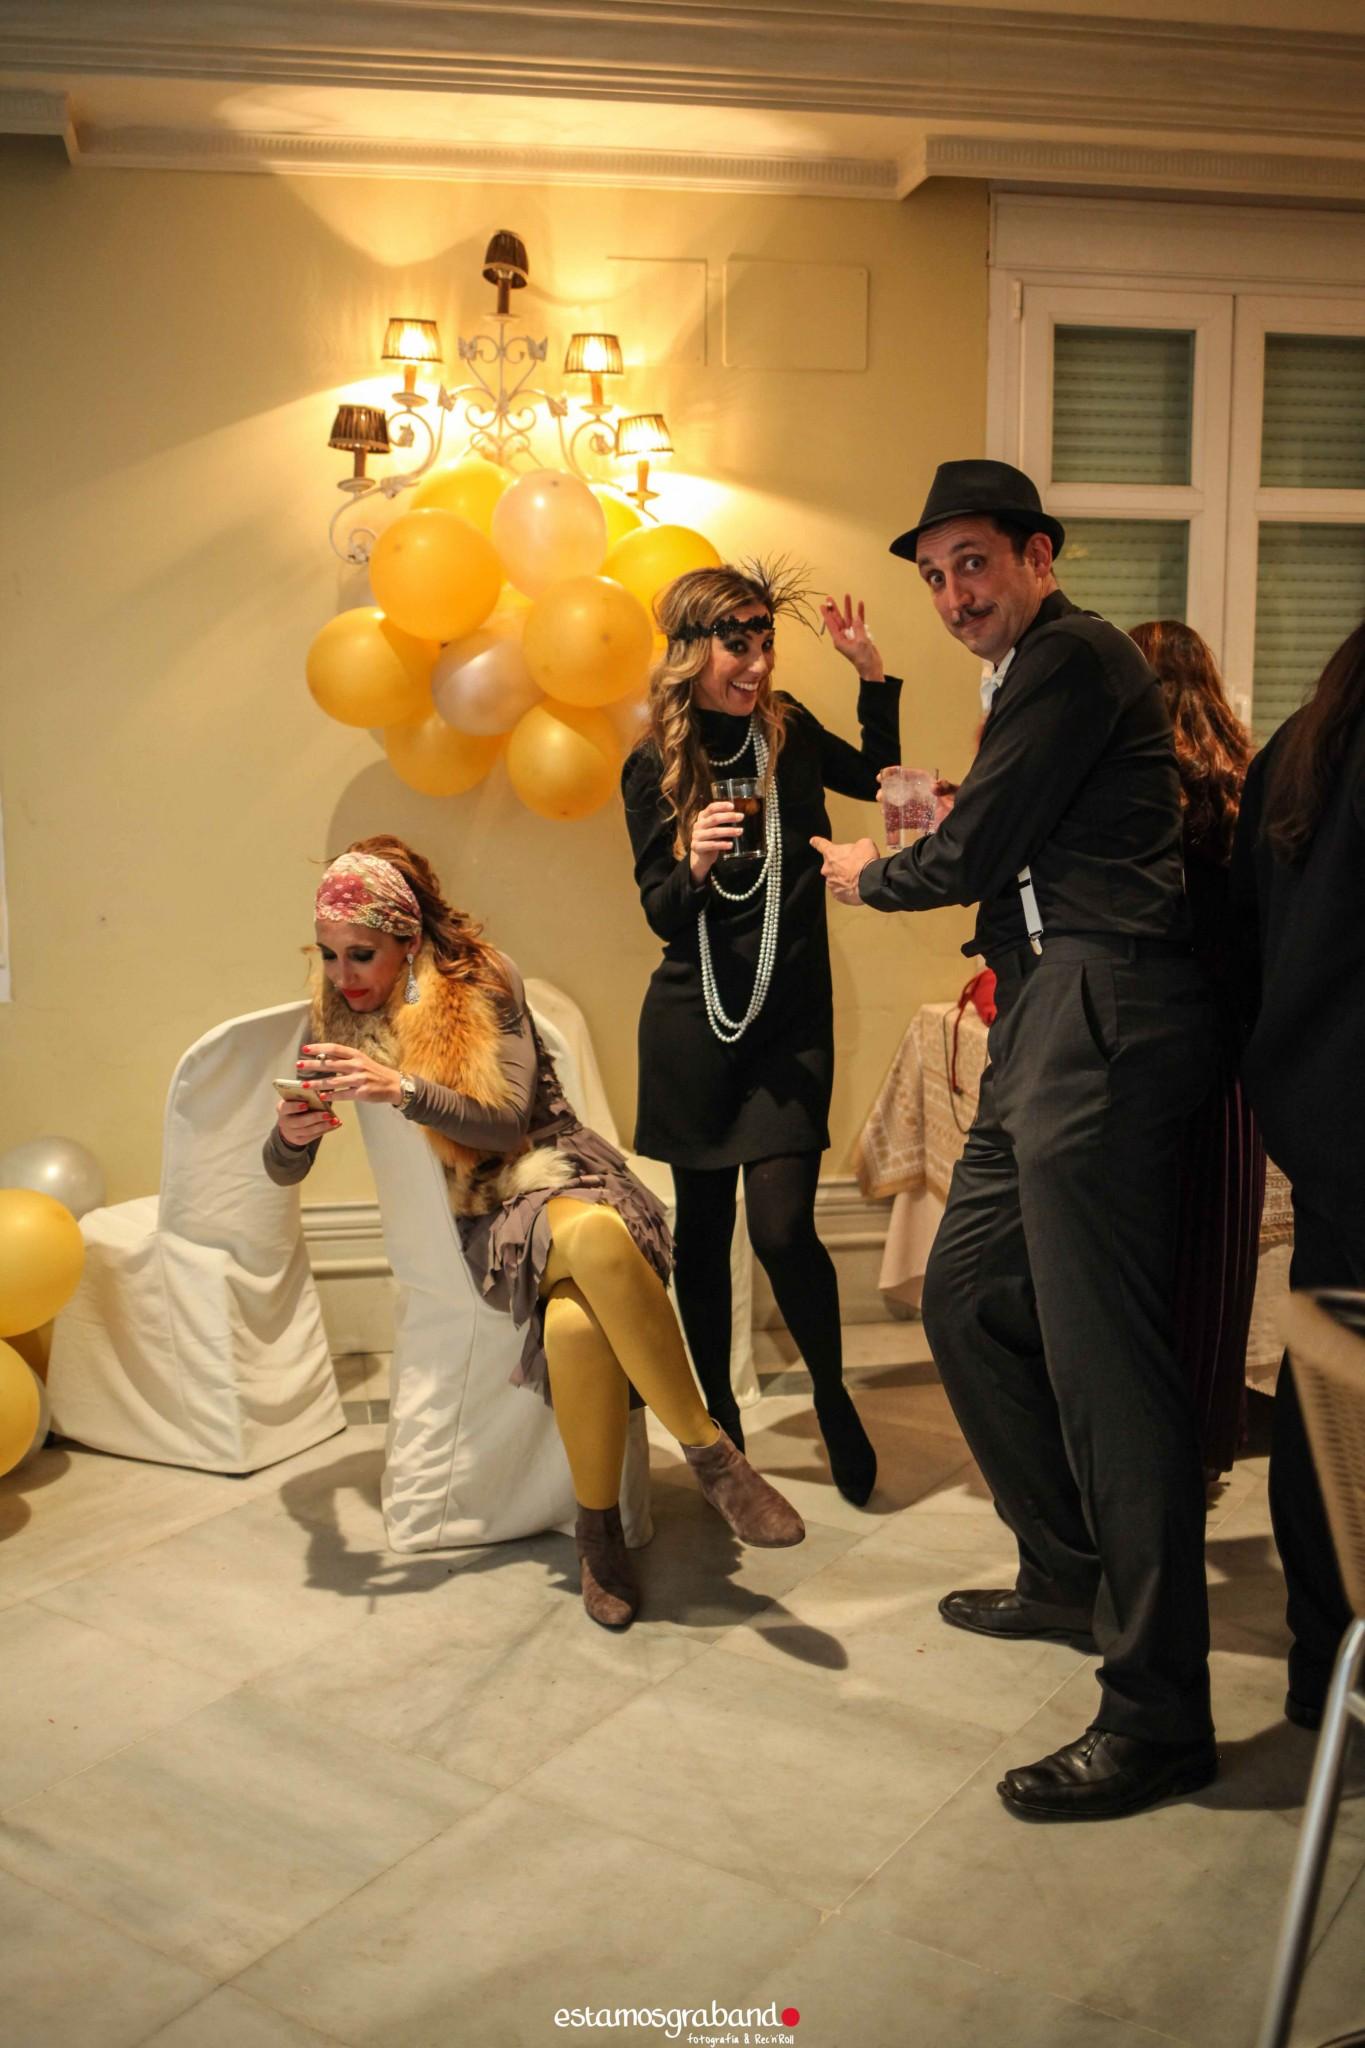 Fali-Bea-74-de-78 Fiesta Años 20 [La Teta de Julieta, Cádiz] - video boda cadiz